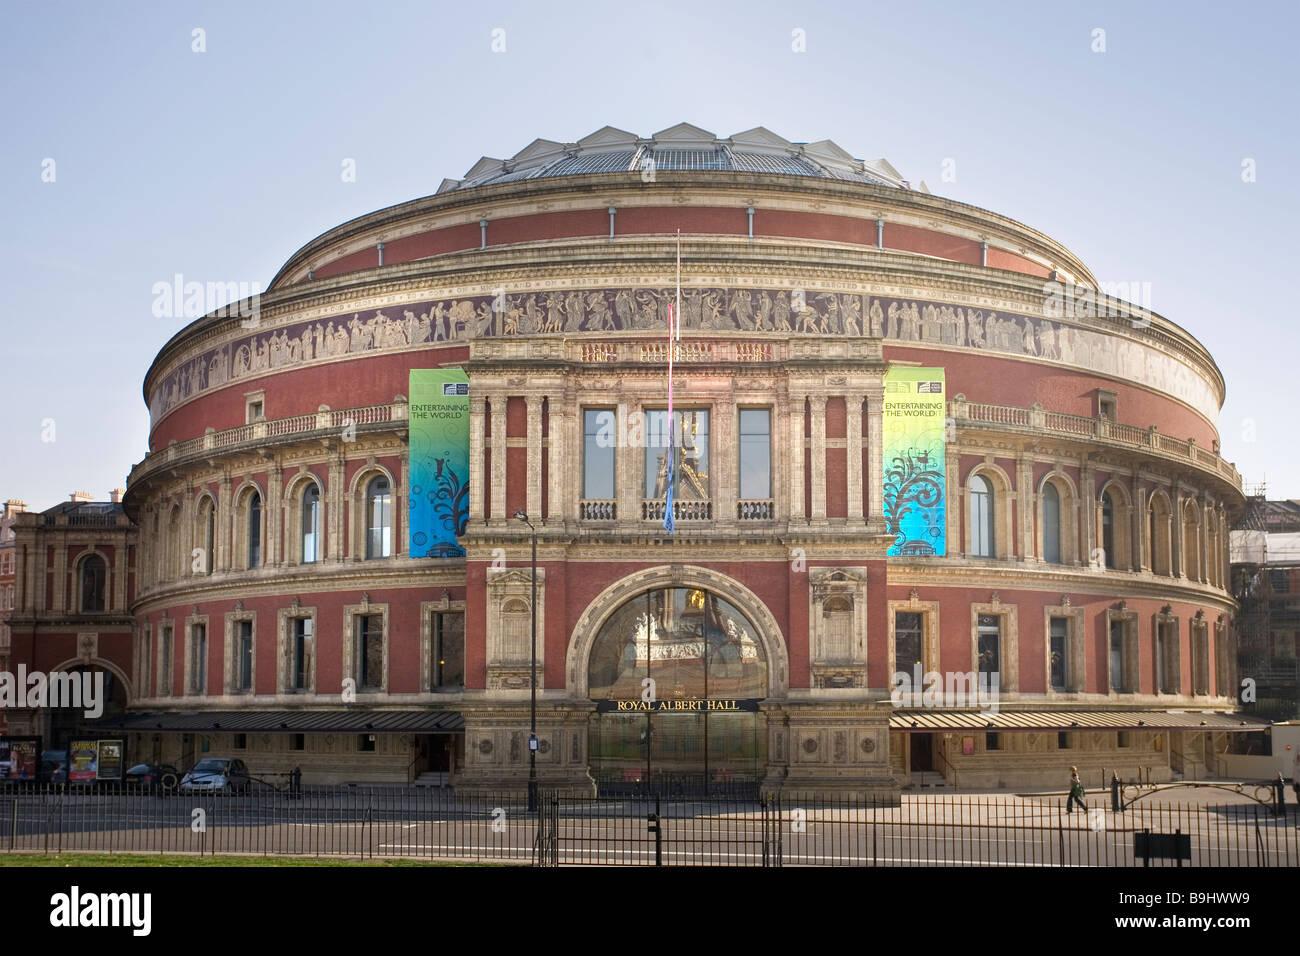 Royal Albert Hall, London - Stock Image